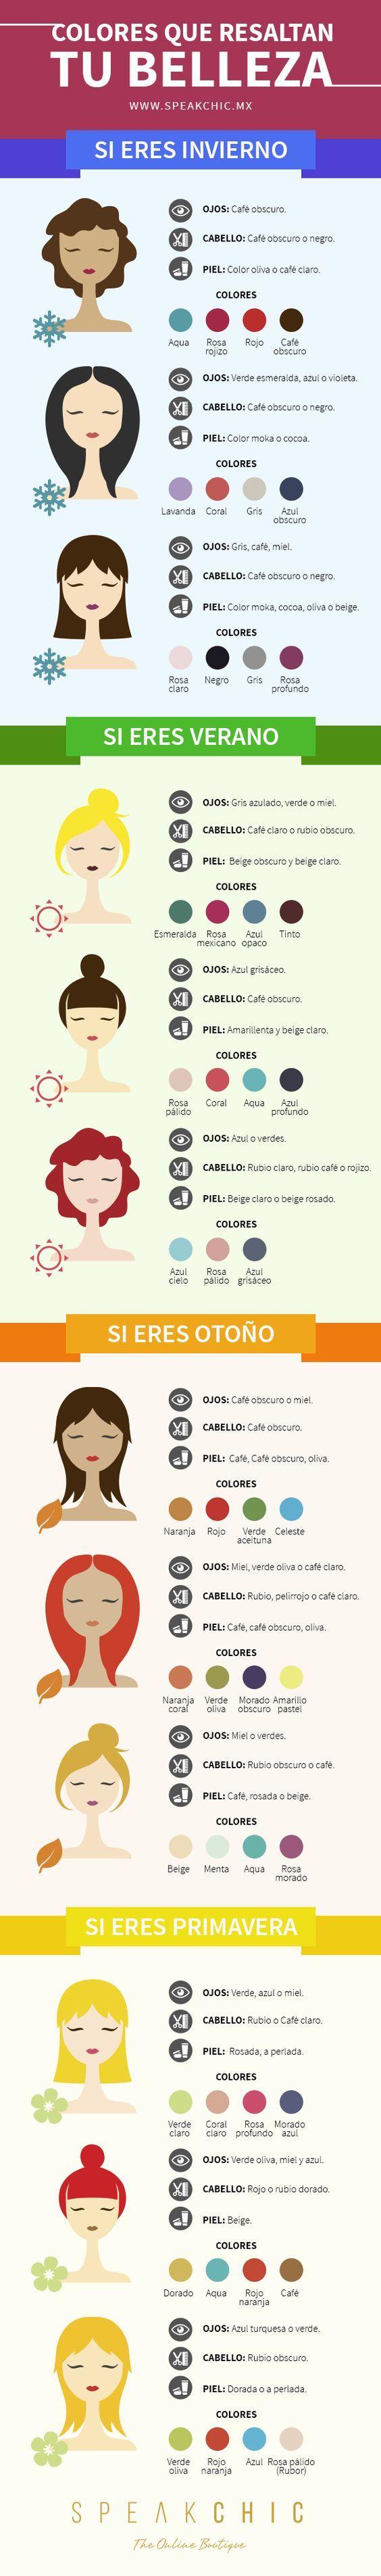 ¿Qué color de maquillaje te favorece? Aprende a aprovecharlo para verte increíble <3 infografía, maquillaje, makeup, colores, tonos, estaciones, piel, cabello, pelo, combinación: